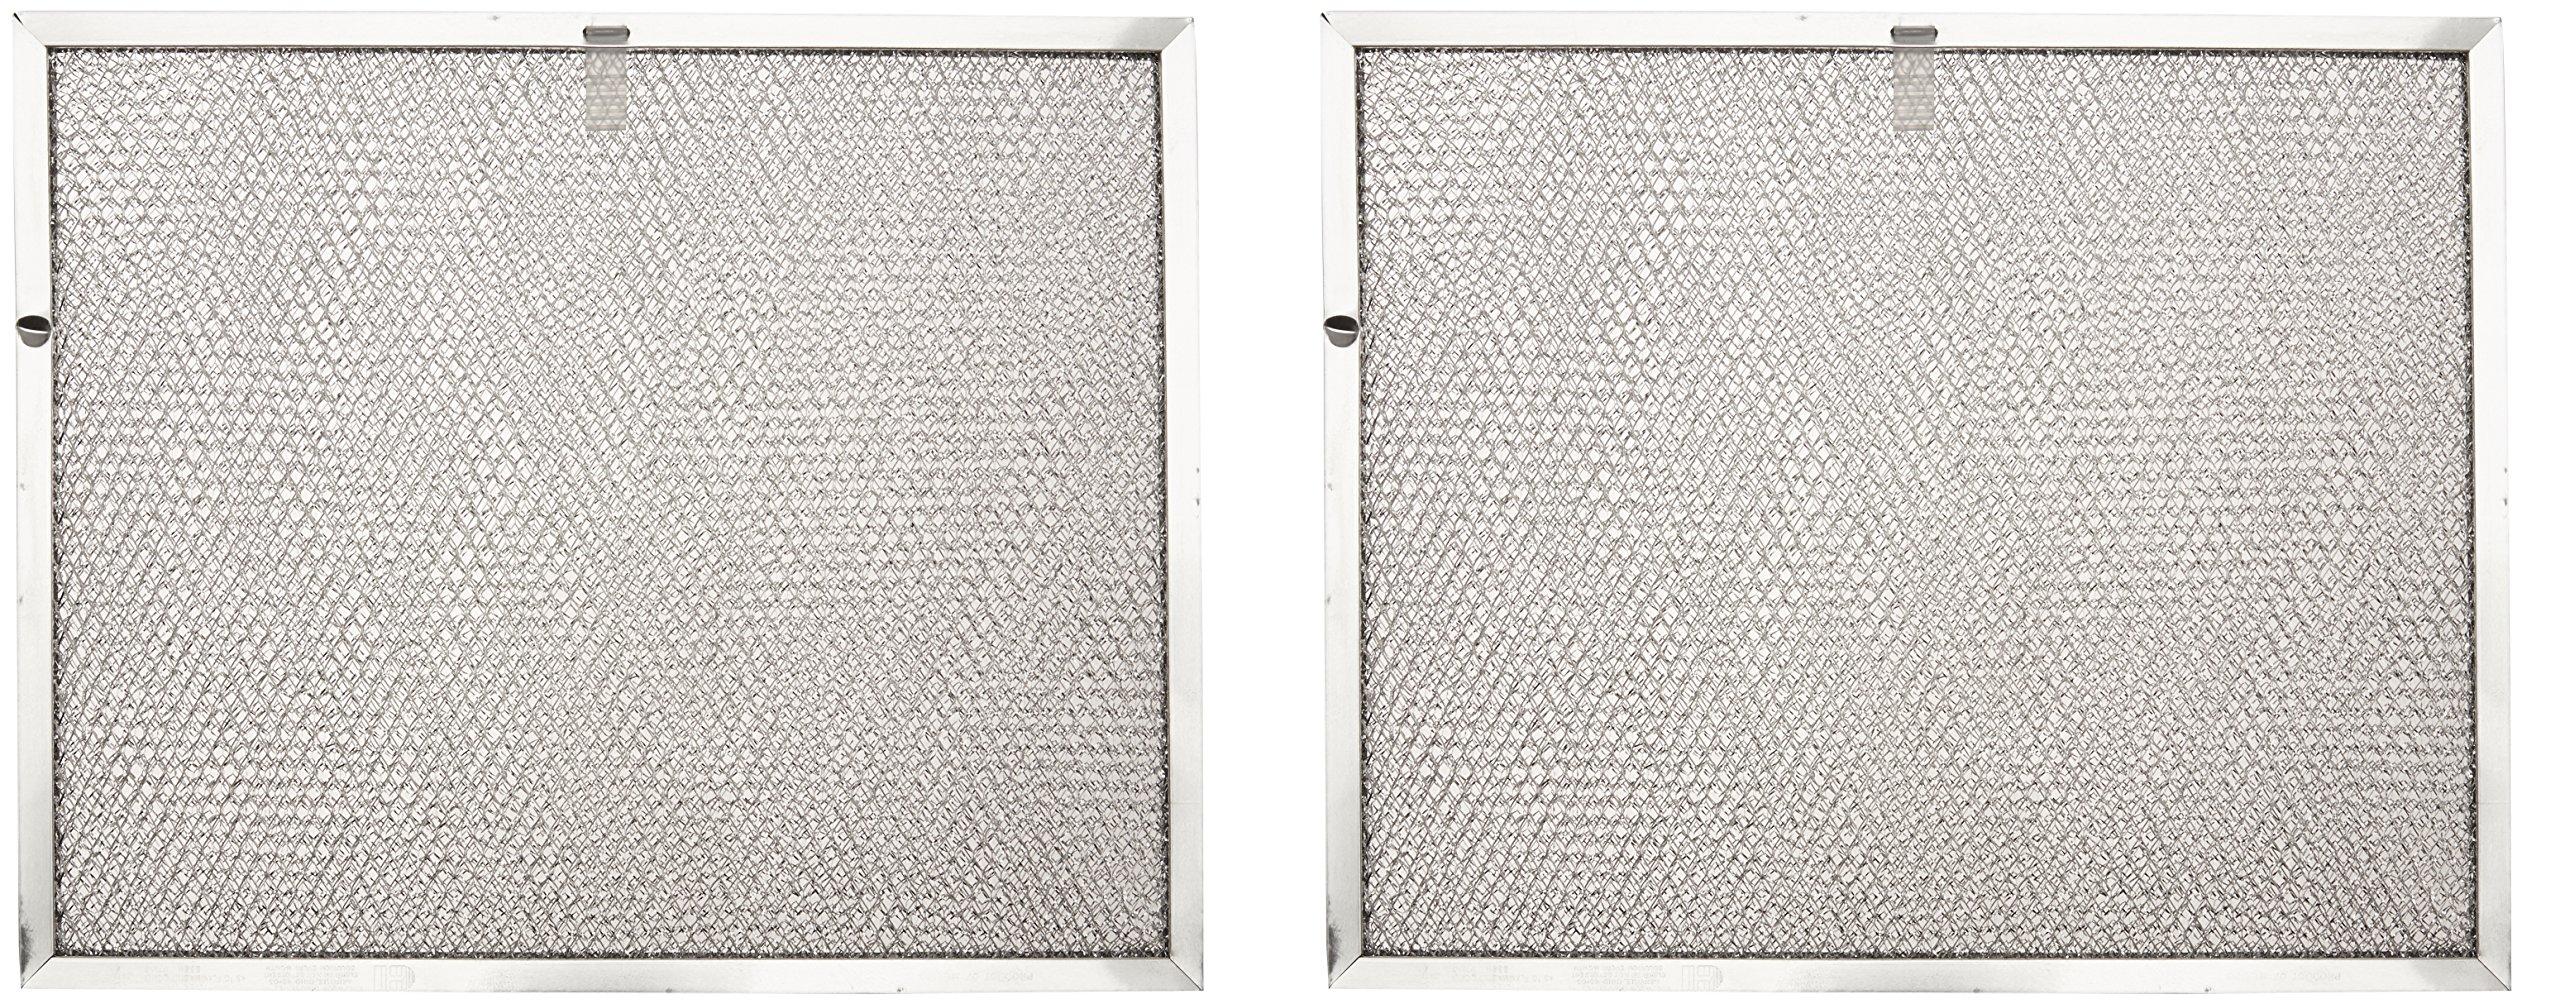 Nutone S99010299 Aluminum Filter Kit for 30'' Hood